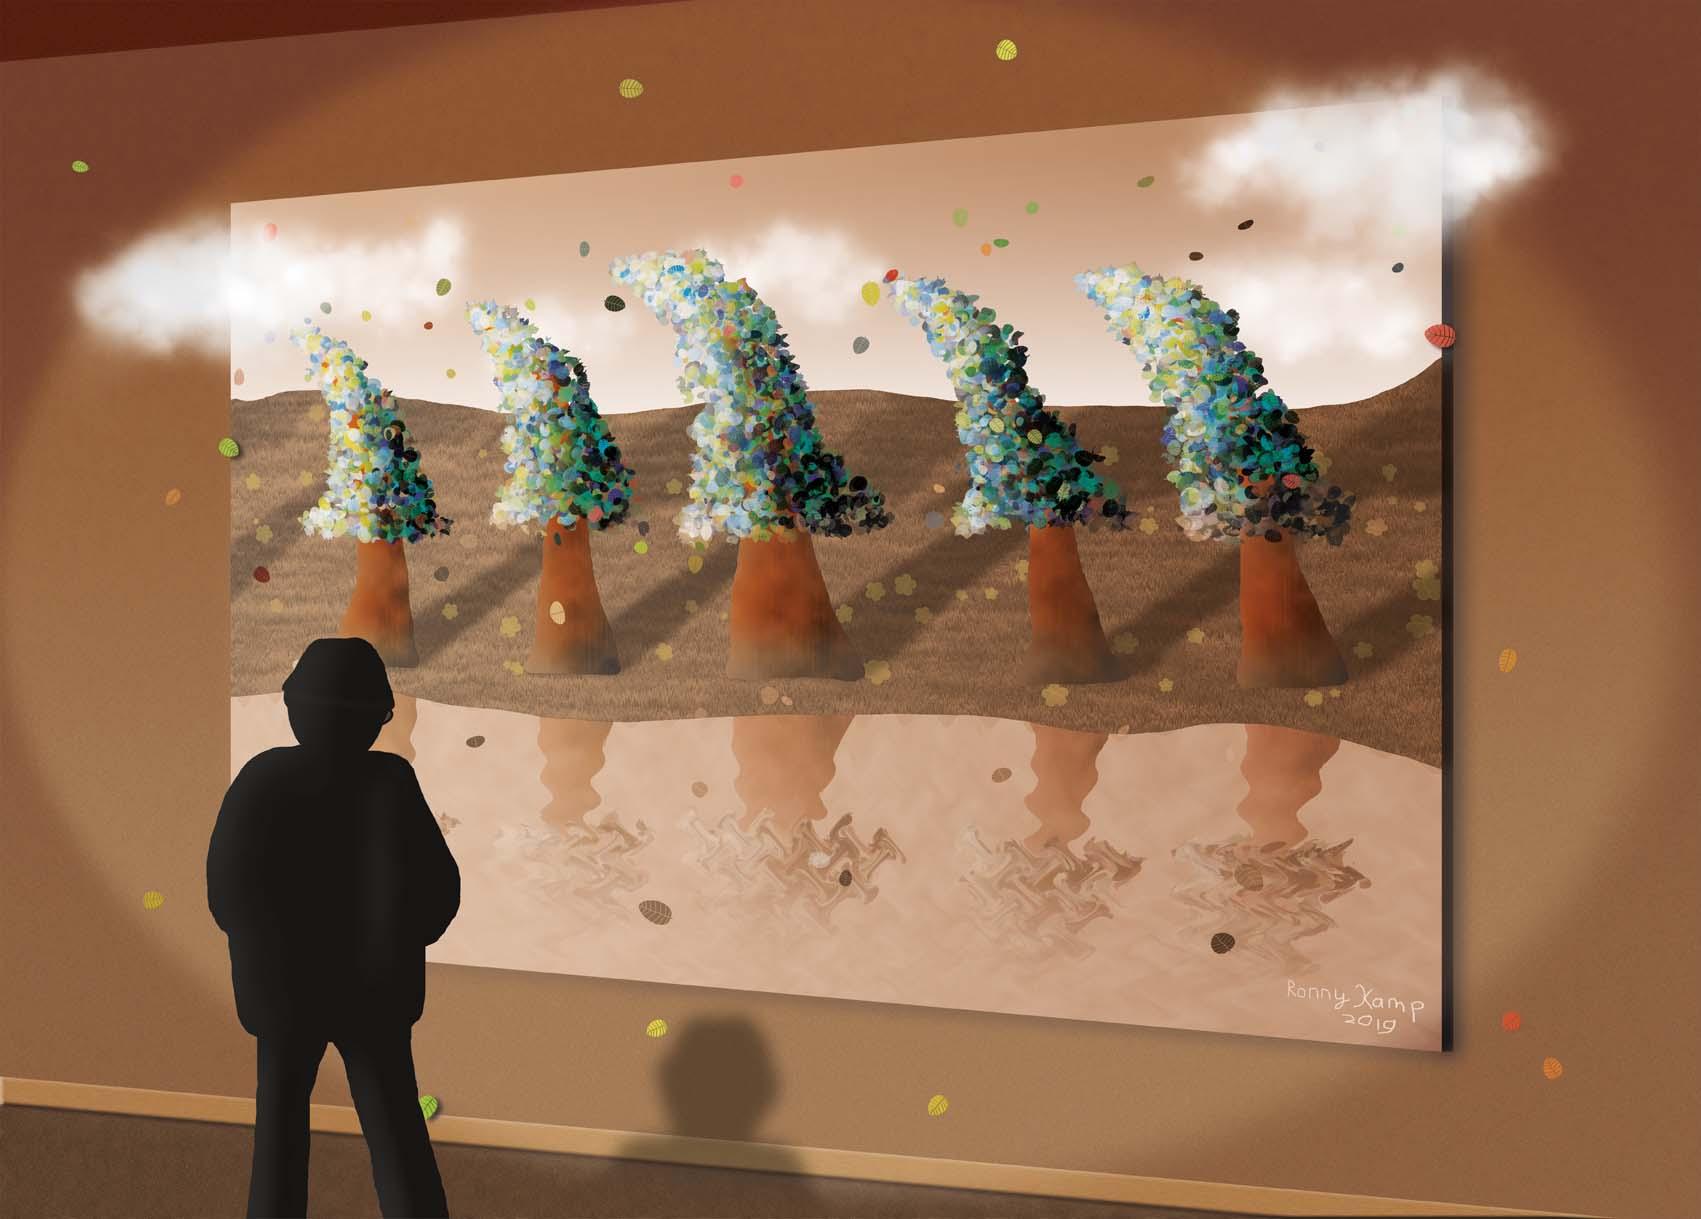 Een man kijkt naar een kunstwerk van bomen in de wind. Bladeren en wolken treden uit het kunstwerk de werkelijkheid in. Is onze realiteit ook een kunstwerk?